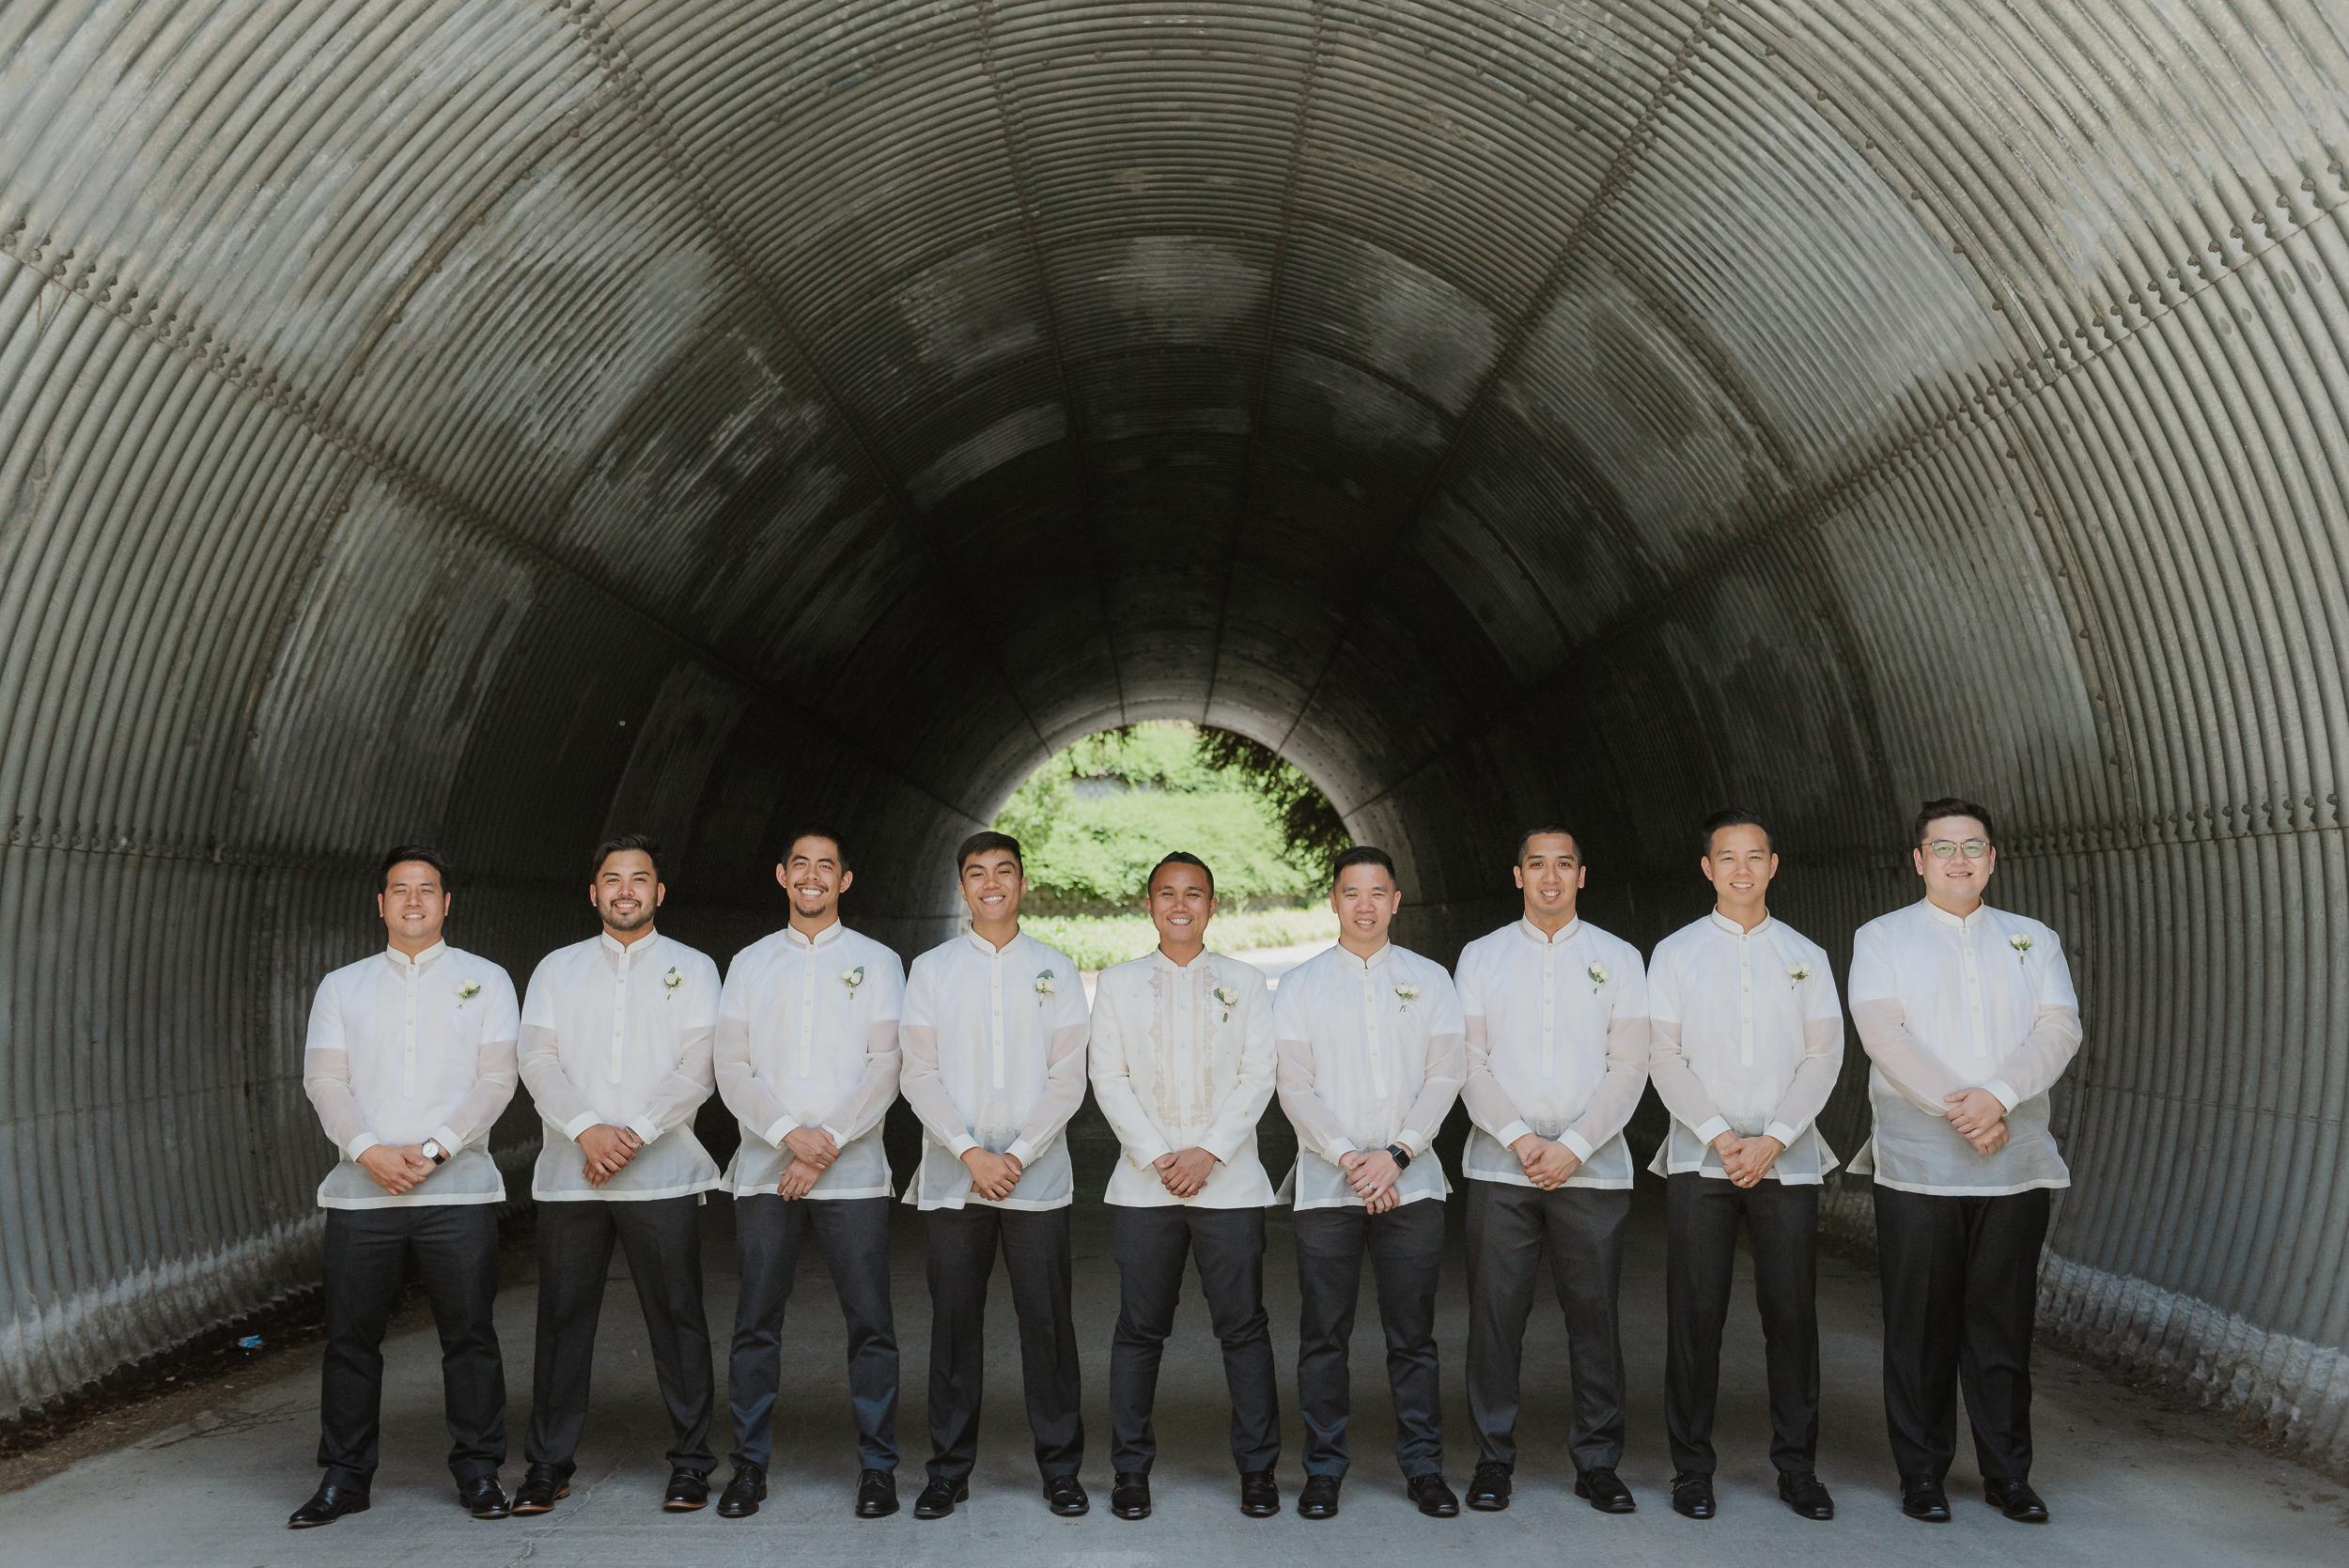 08-bridges-golf-club-wedding-vivianchen-206.jpg